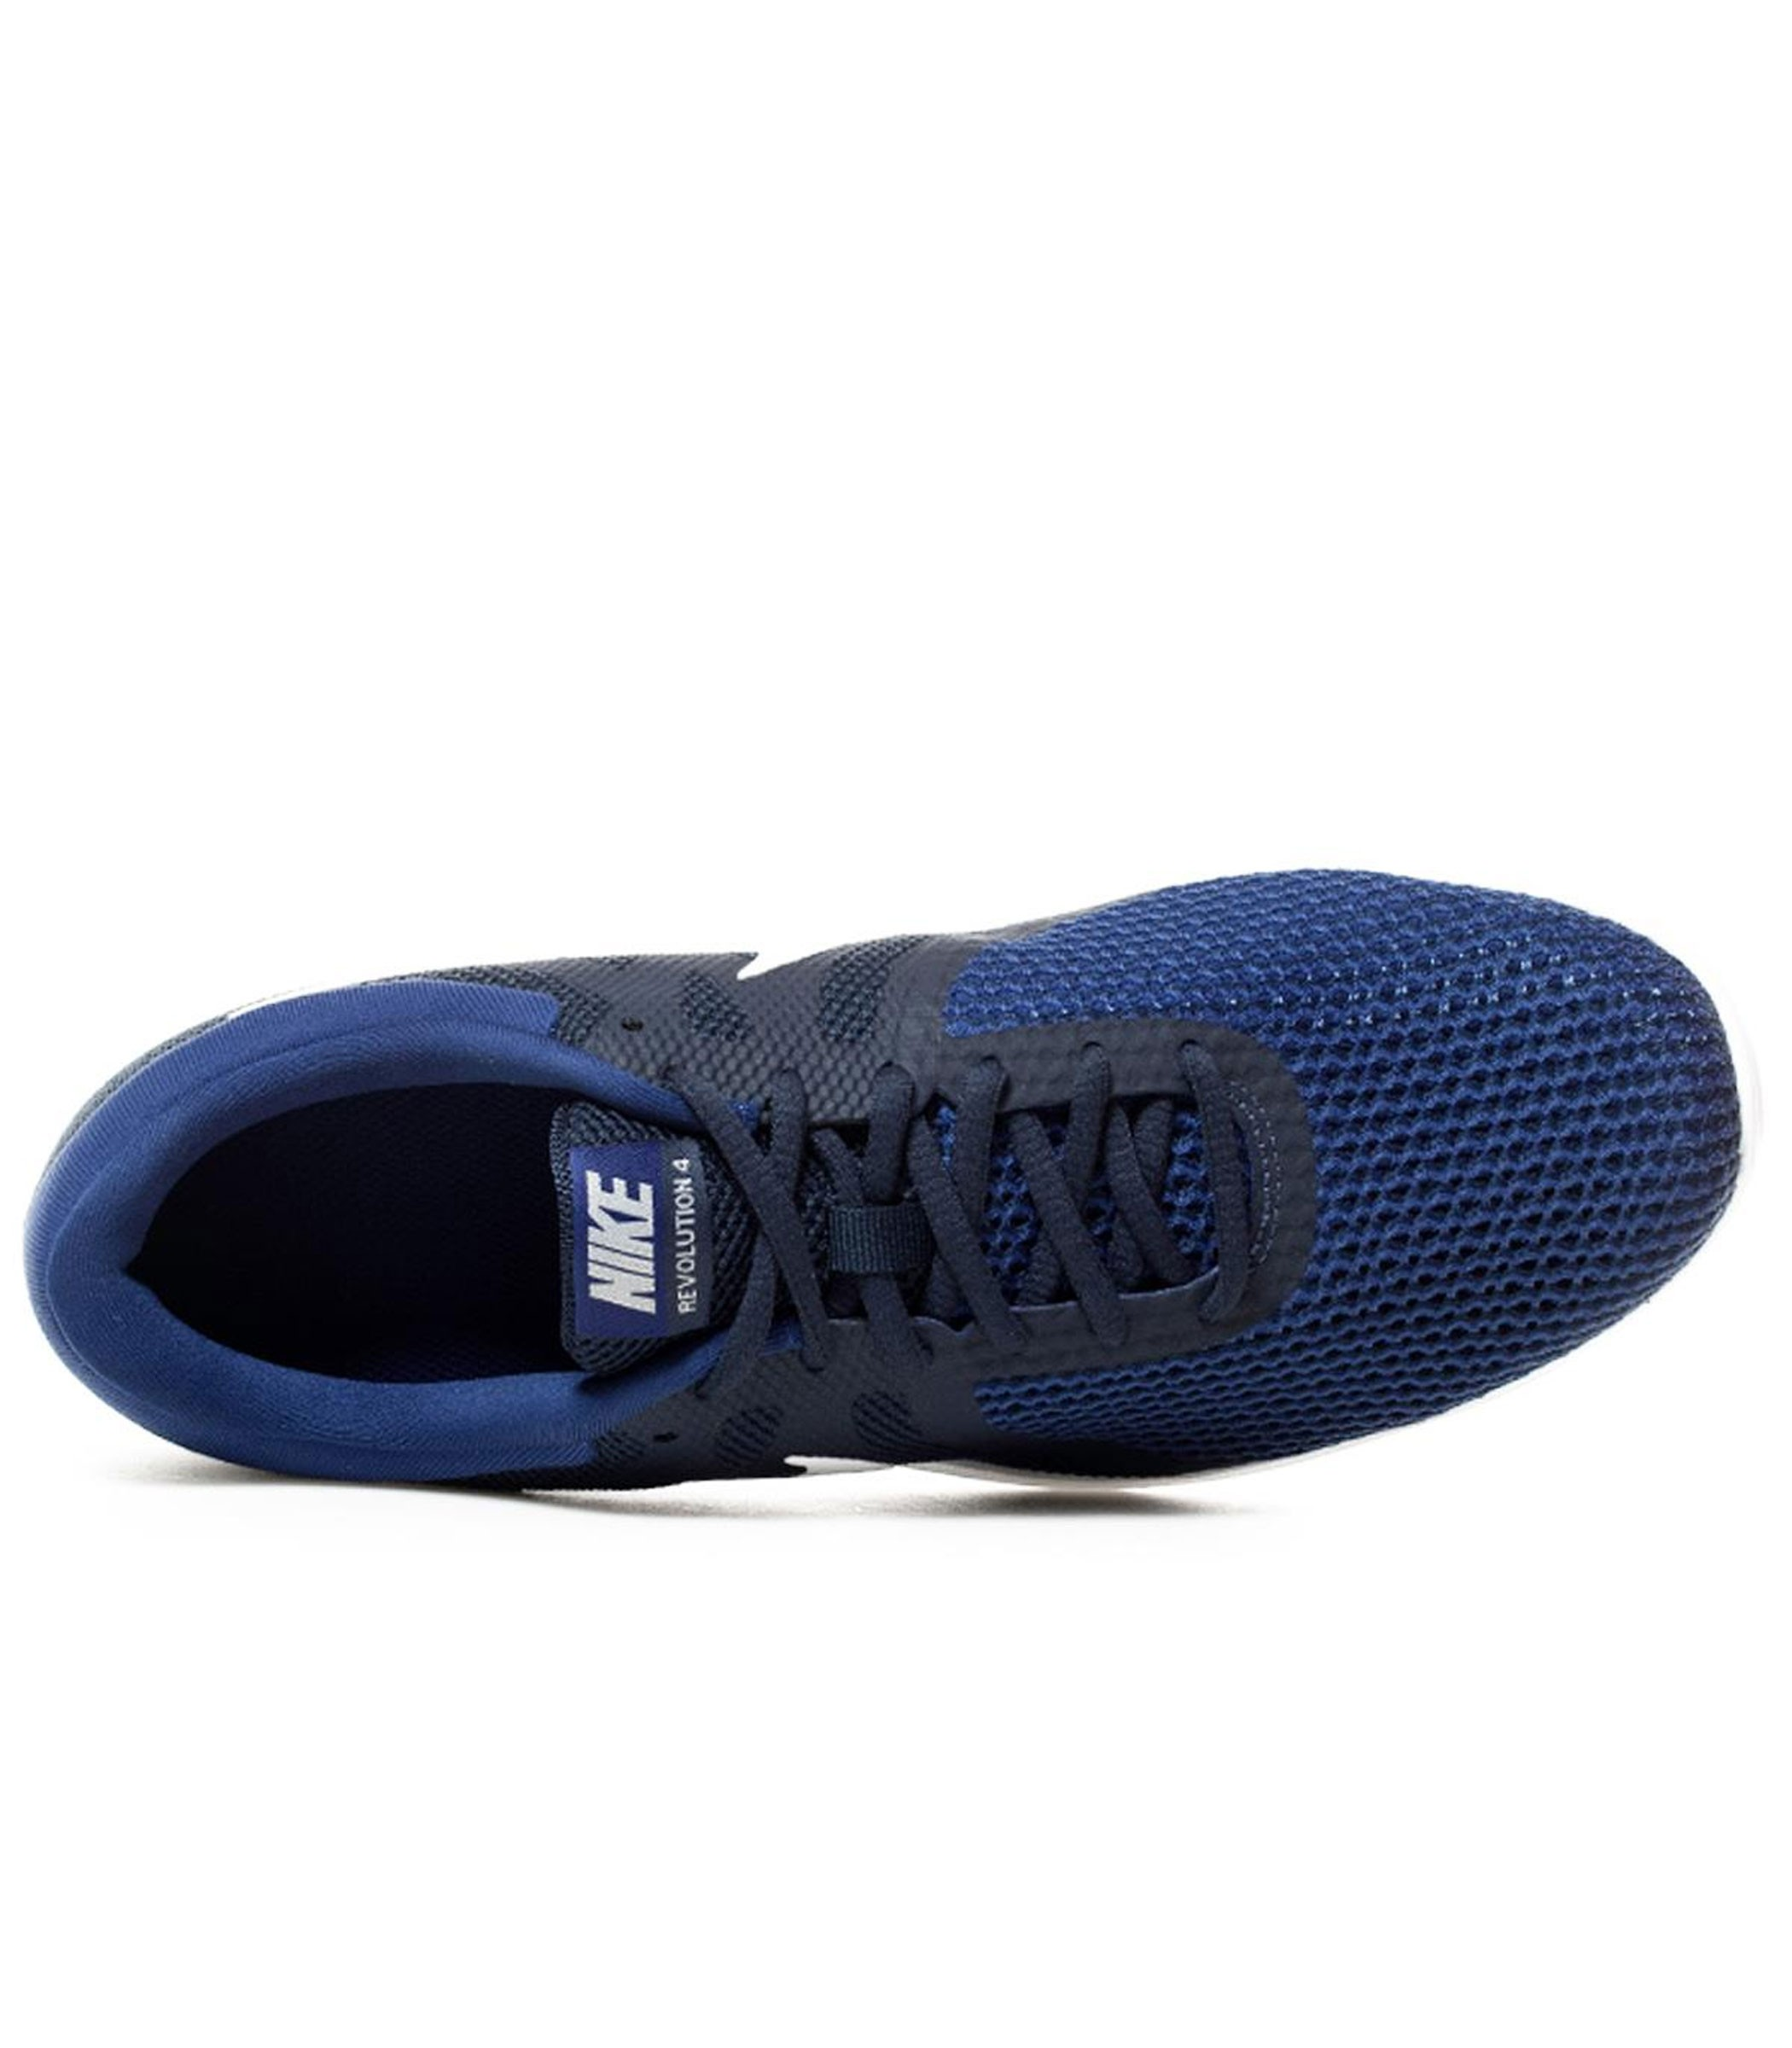 0bd22453f22b3 Scarpe Sneakers Running Nike Revolution 4 da Uomo Rif. AJ3490 414